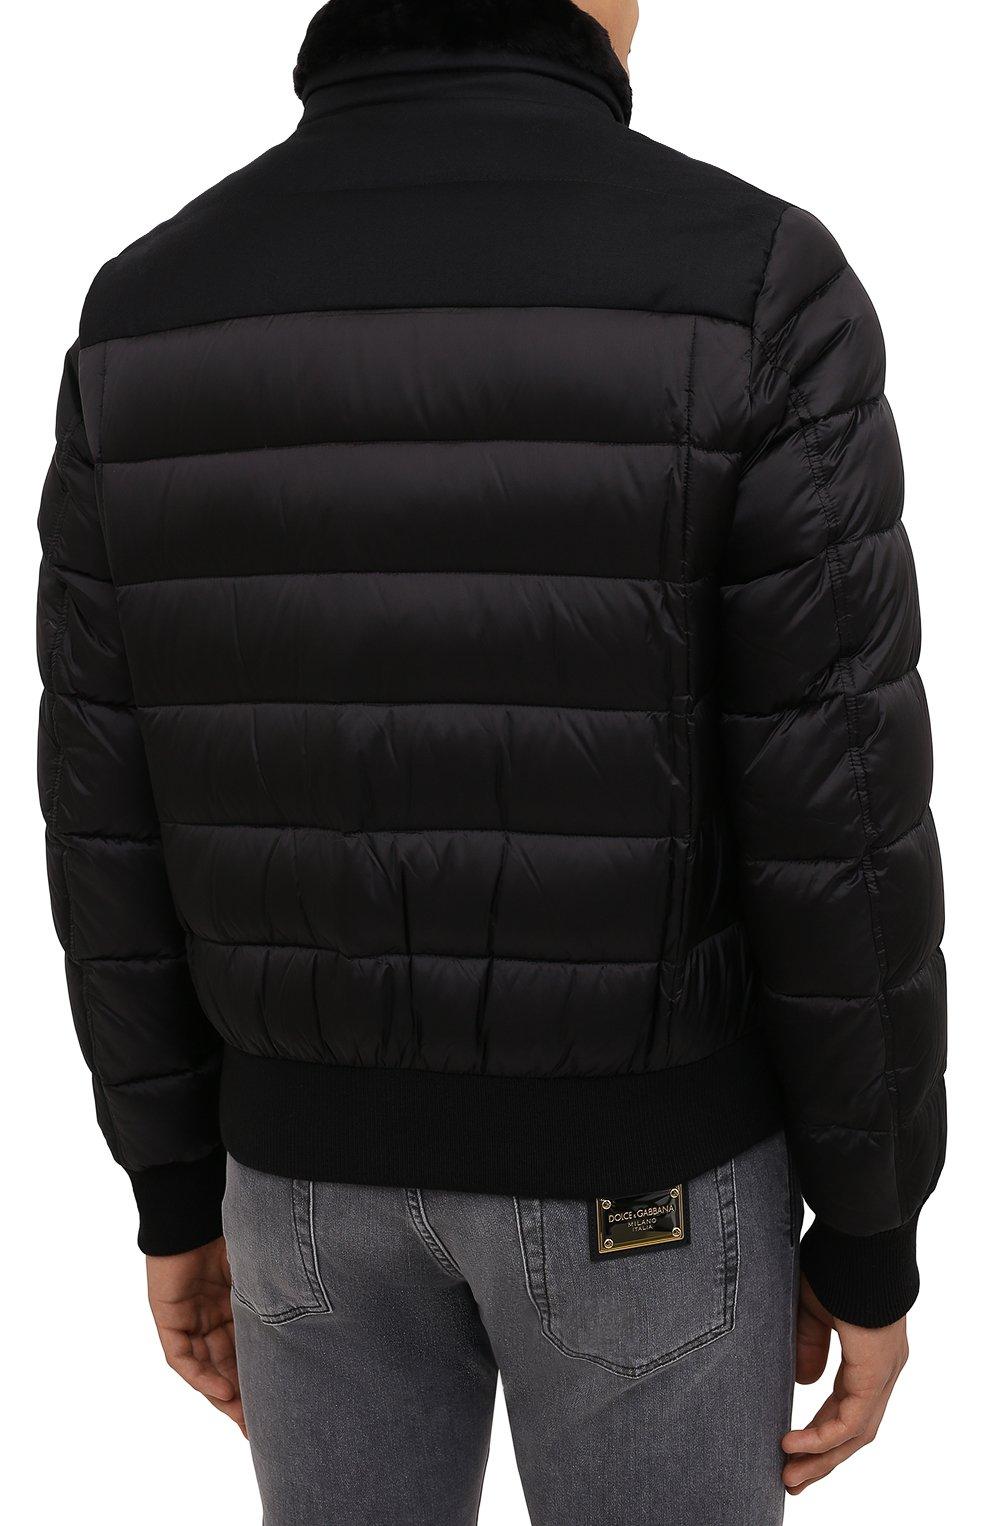 Мужской пуховый бомбер с меховой отделкой fantoni-shl MOORER черного цвета, арт. FANT0NI-SHL/M0UGI100177-TEPA235 | Фото 4 (Кросс-КТ: Куртка; Мужское Кросс-КТ: пуховик-короткий; Рукава: Длинные; Принт: Без принта; Материал внешний: Синтетический материал; Длина (верхняя одежда): Короткие; Материал утеплителя: Пух и перо; Стили: Кэжуэл)